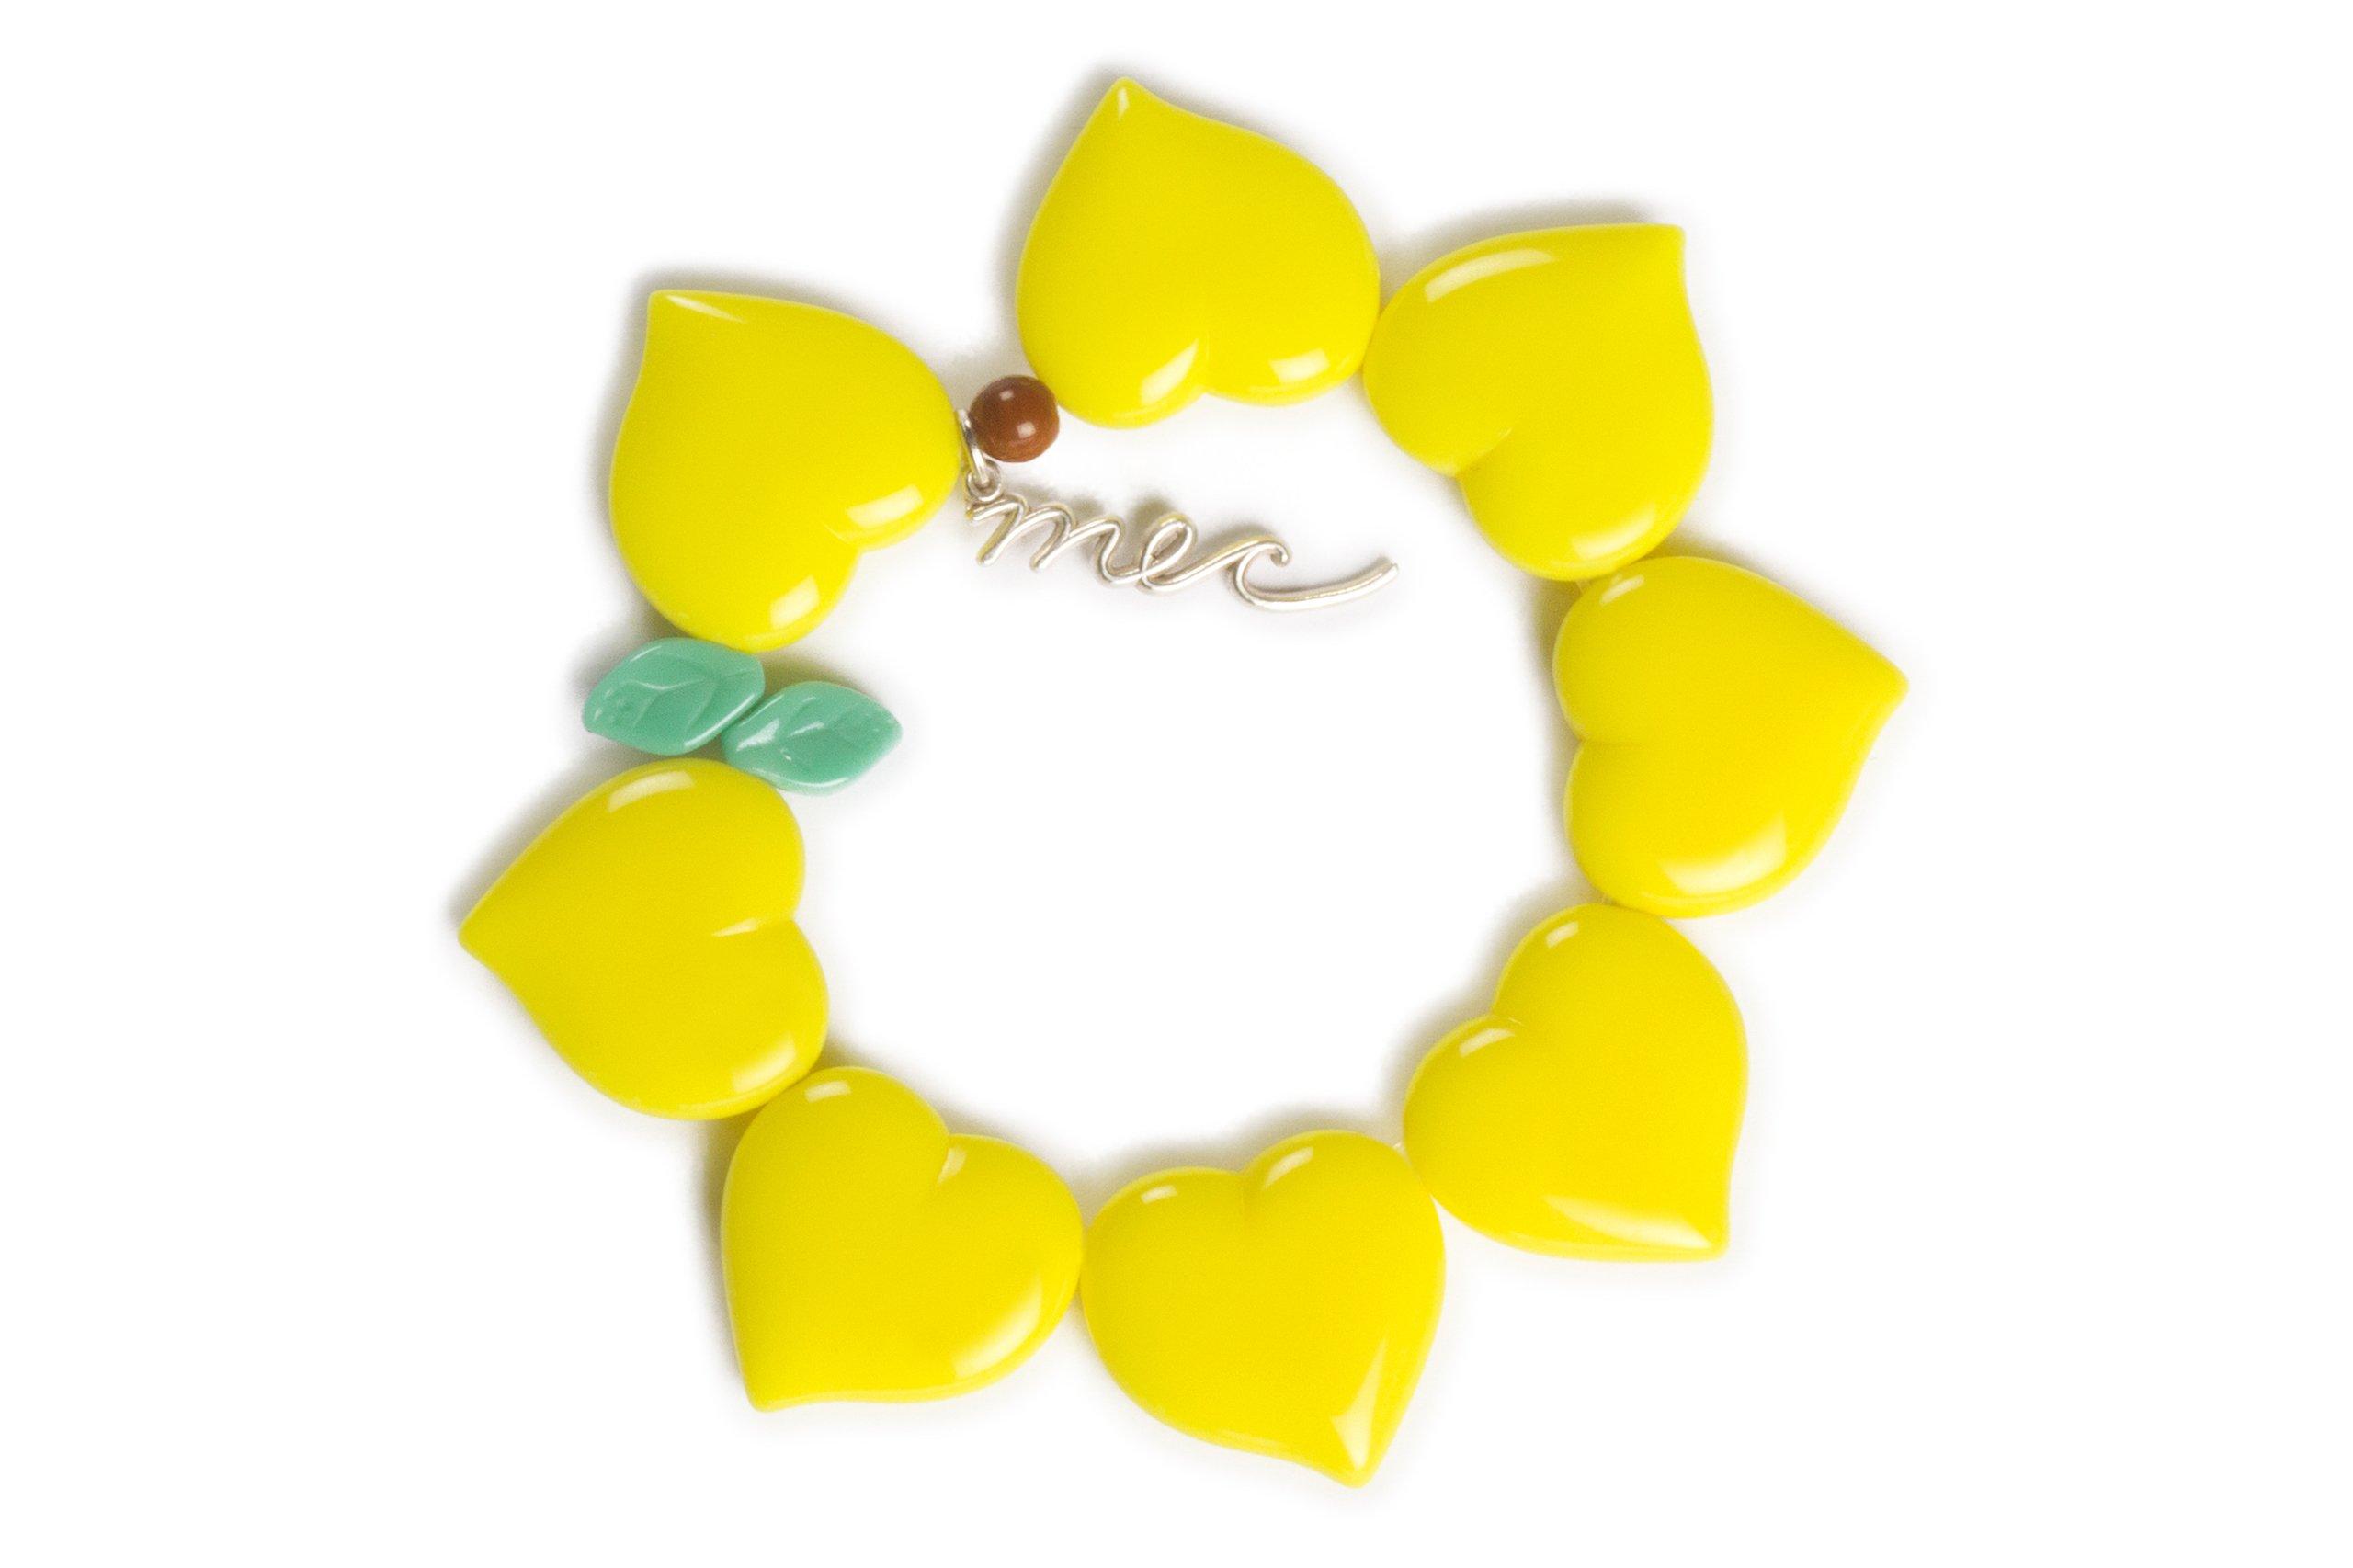 MEC Heart Bracelet Flor de Corazon (Yellow Caribe Neon)